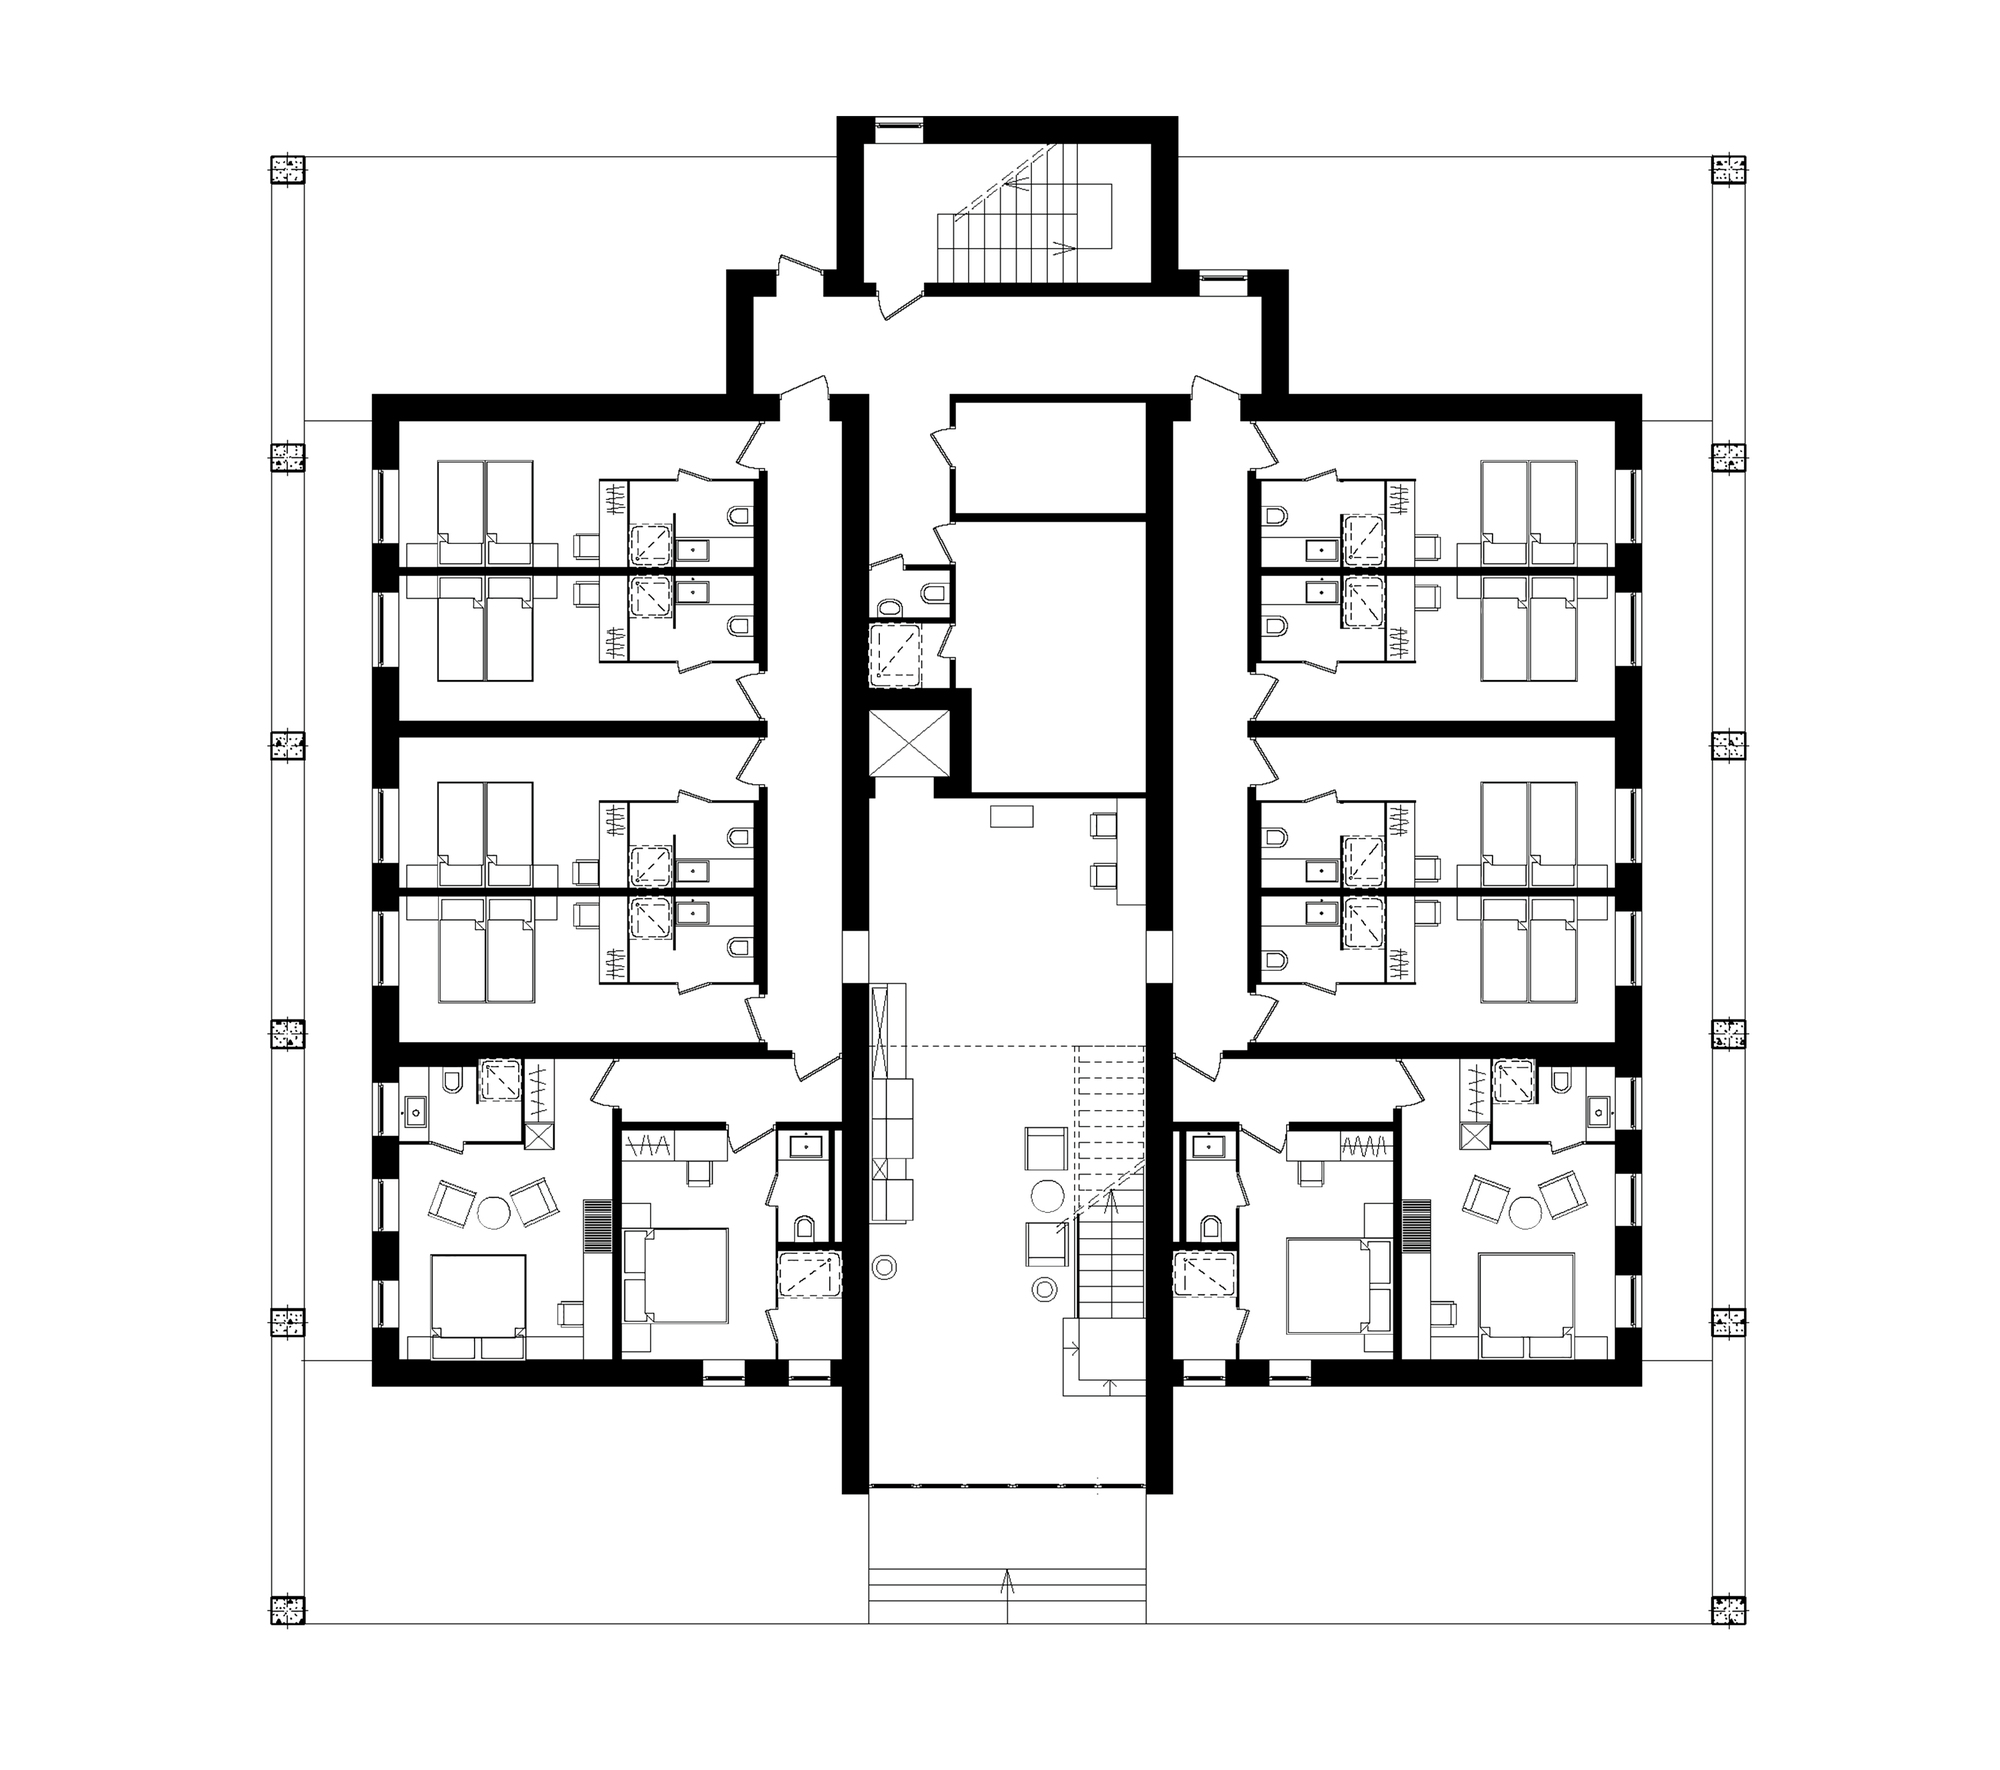 Burj Al Arab Floor Plans Galeria De Hotel No Parque Verholy Yod Design Studio 21